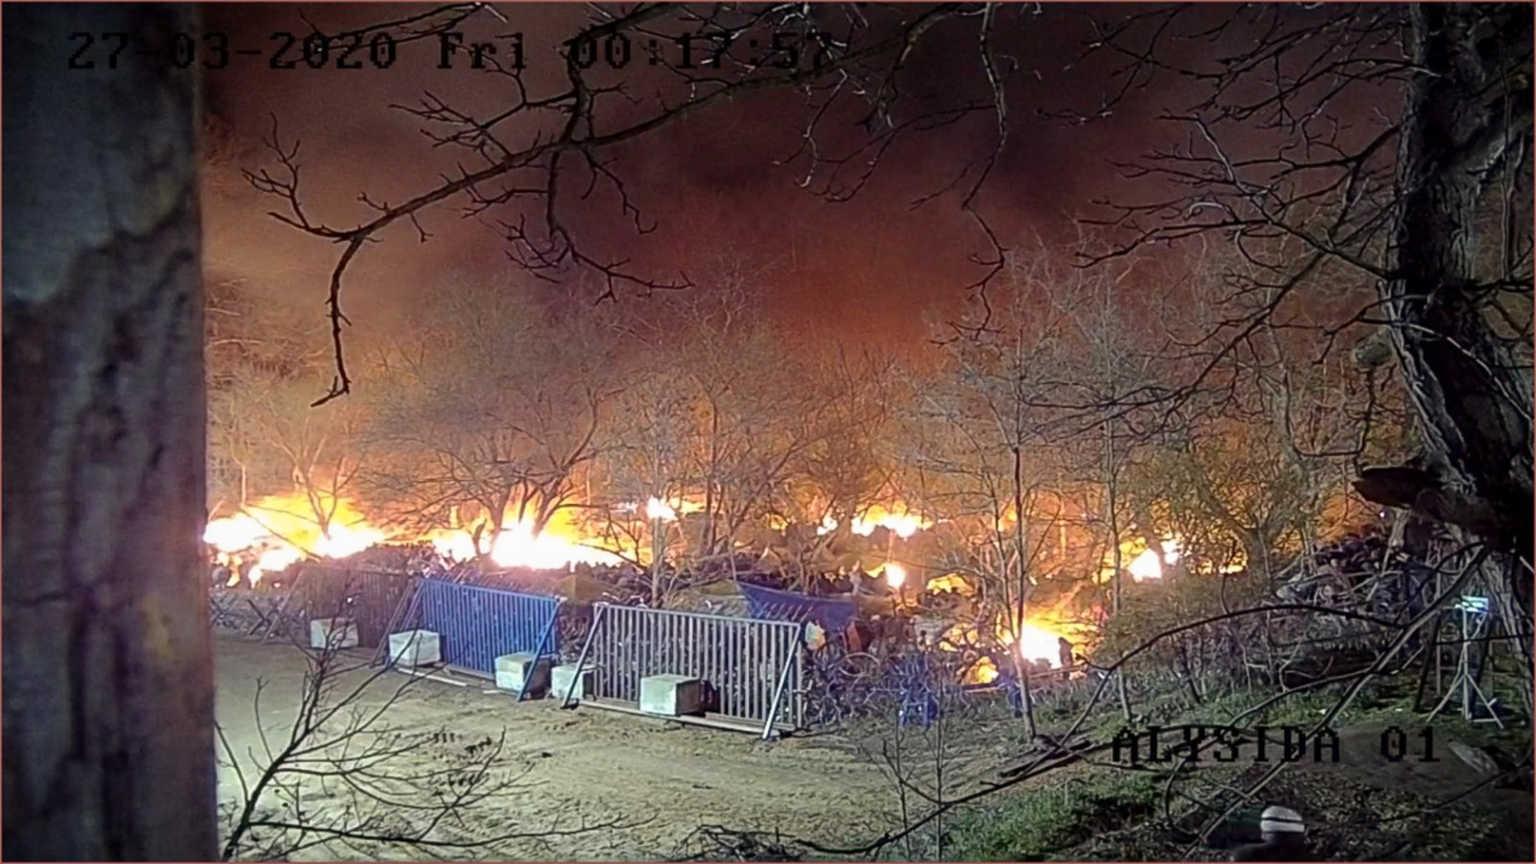 Έβρος, Ερντογάν, κορονοϊός – Απόρρητες αναφορές «φωτιά» για το επικίνδυνο σχέδιο του «σουλτάνου»